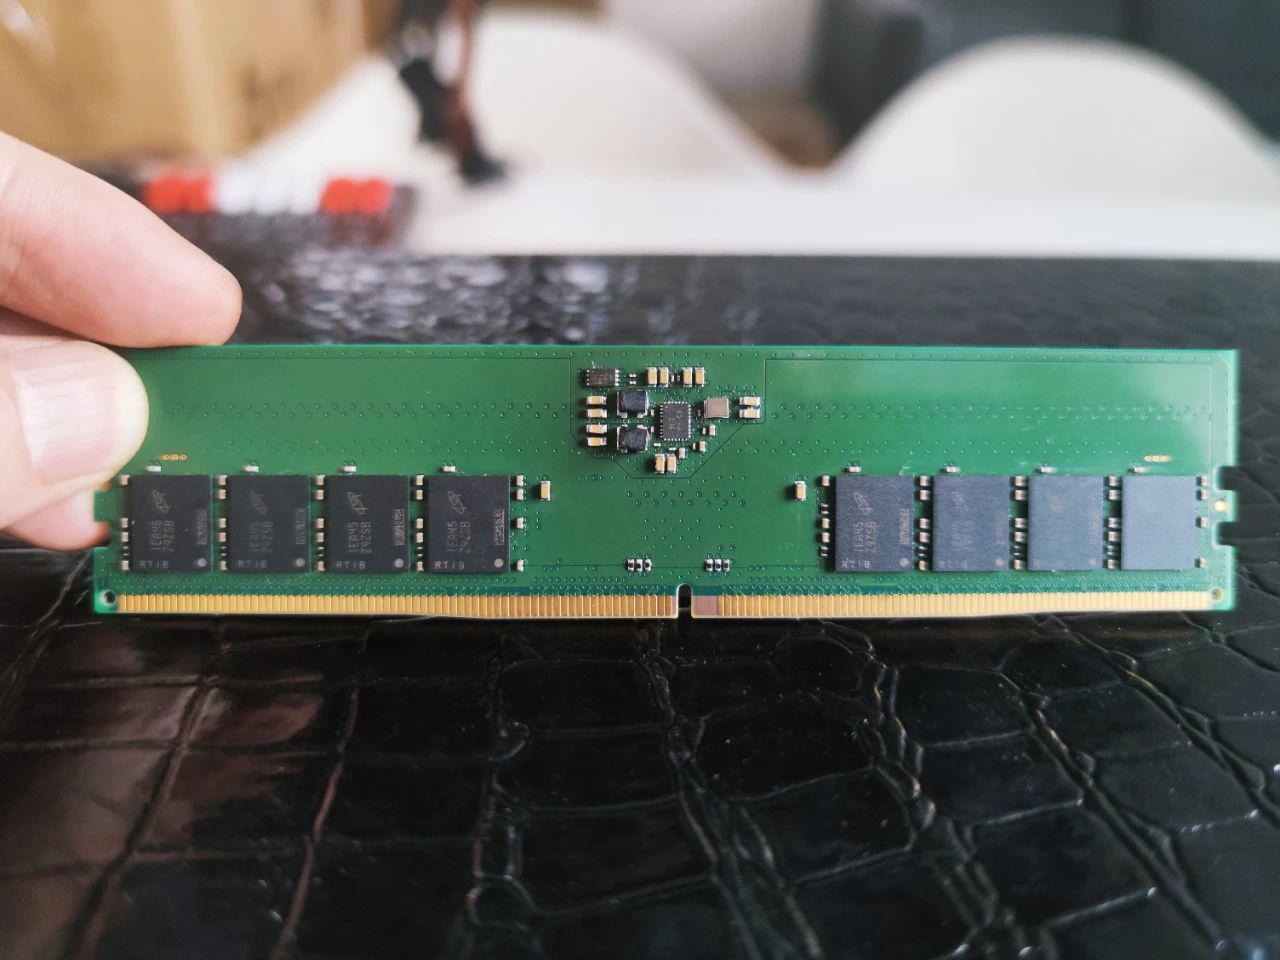 嘉合劲威首批DDR5内存条量产下线 可兼容英特尔12代酷睿桌面平台